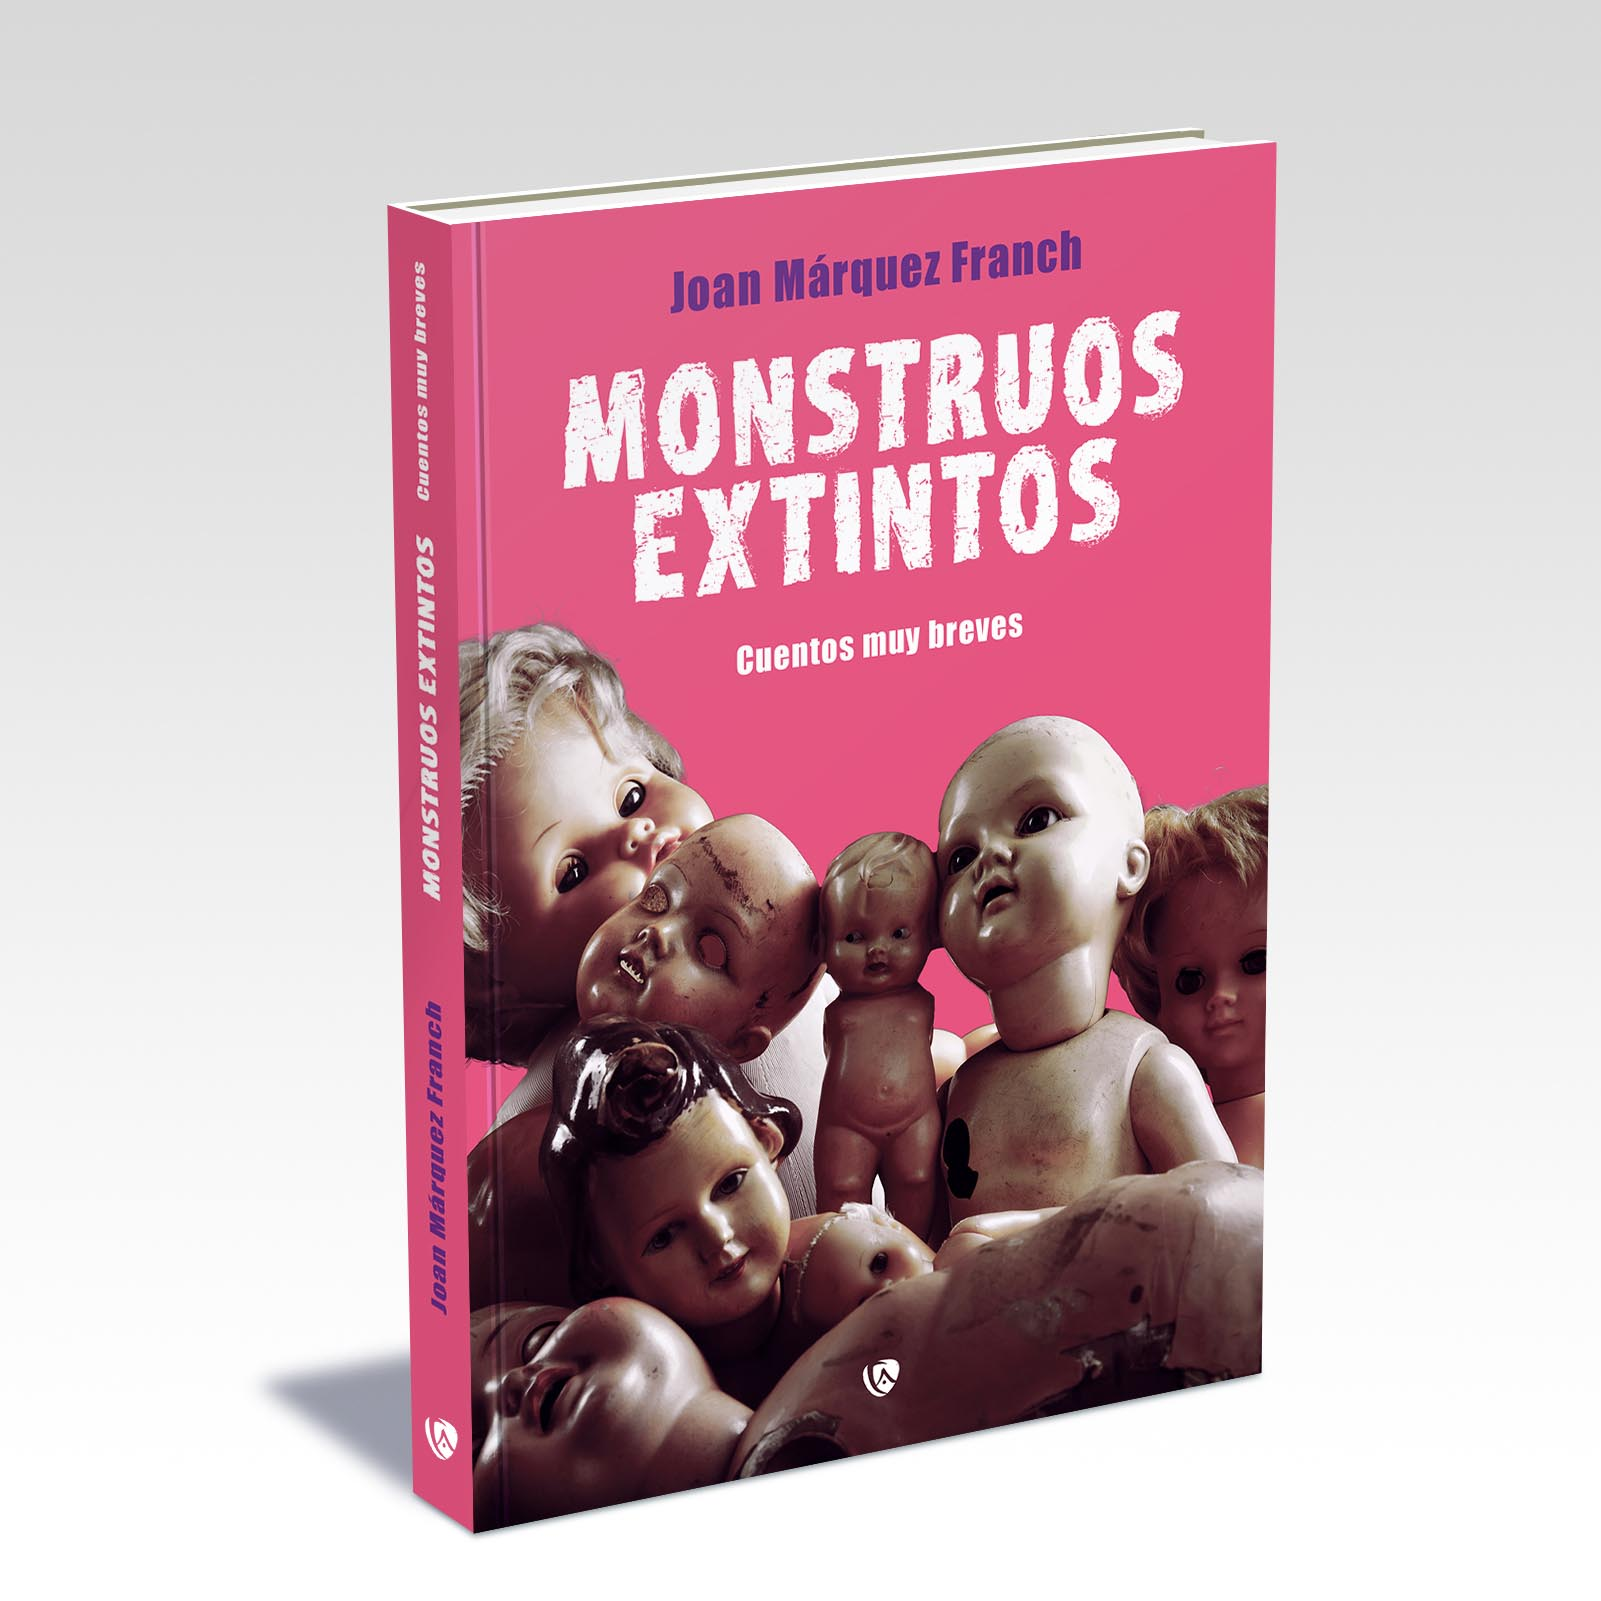 Monstruos extintos